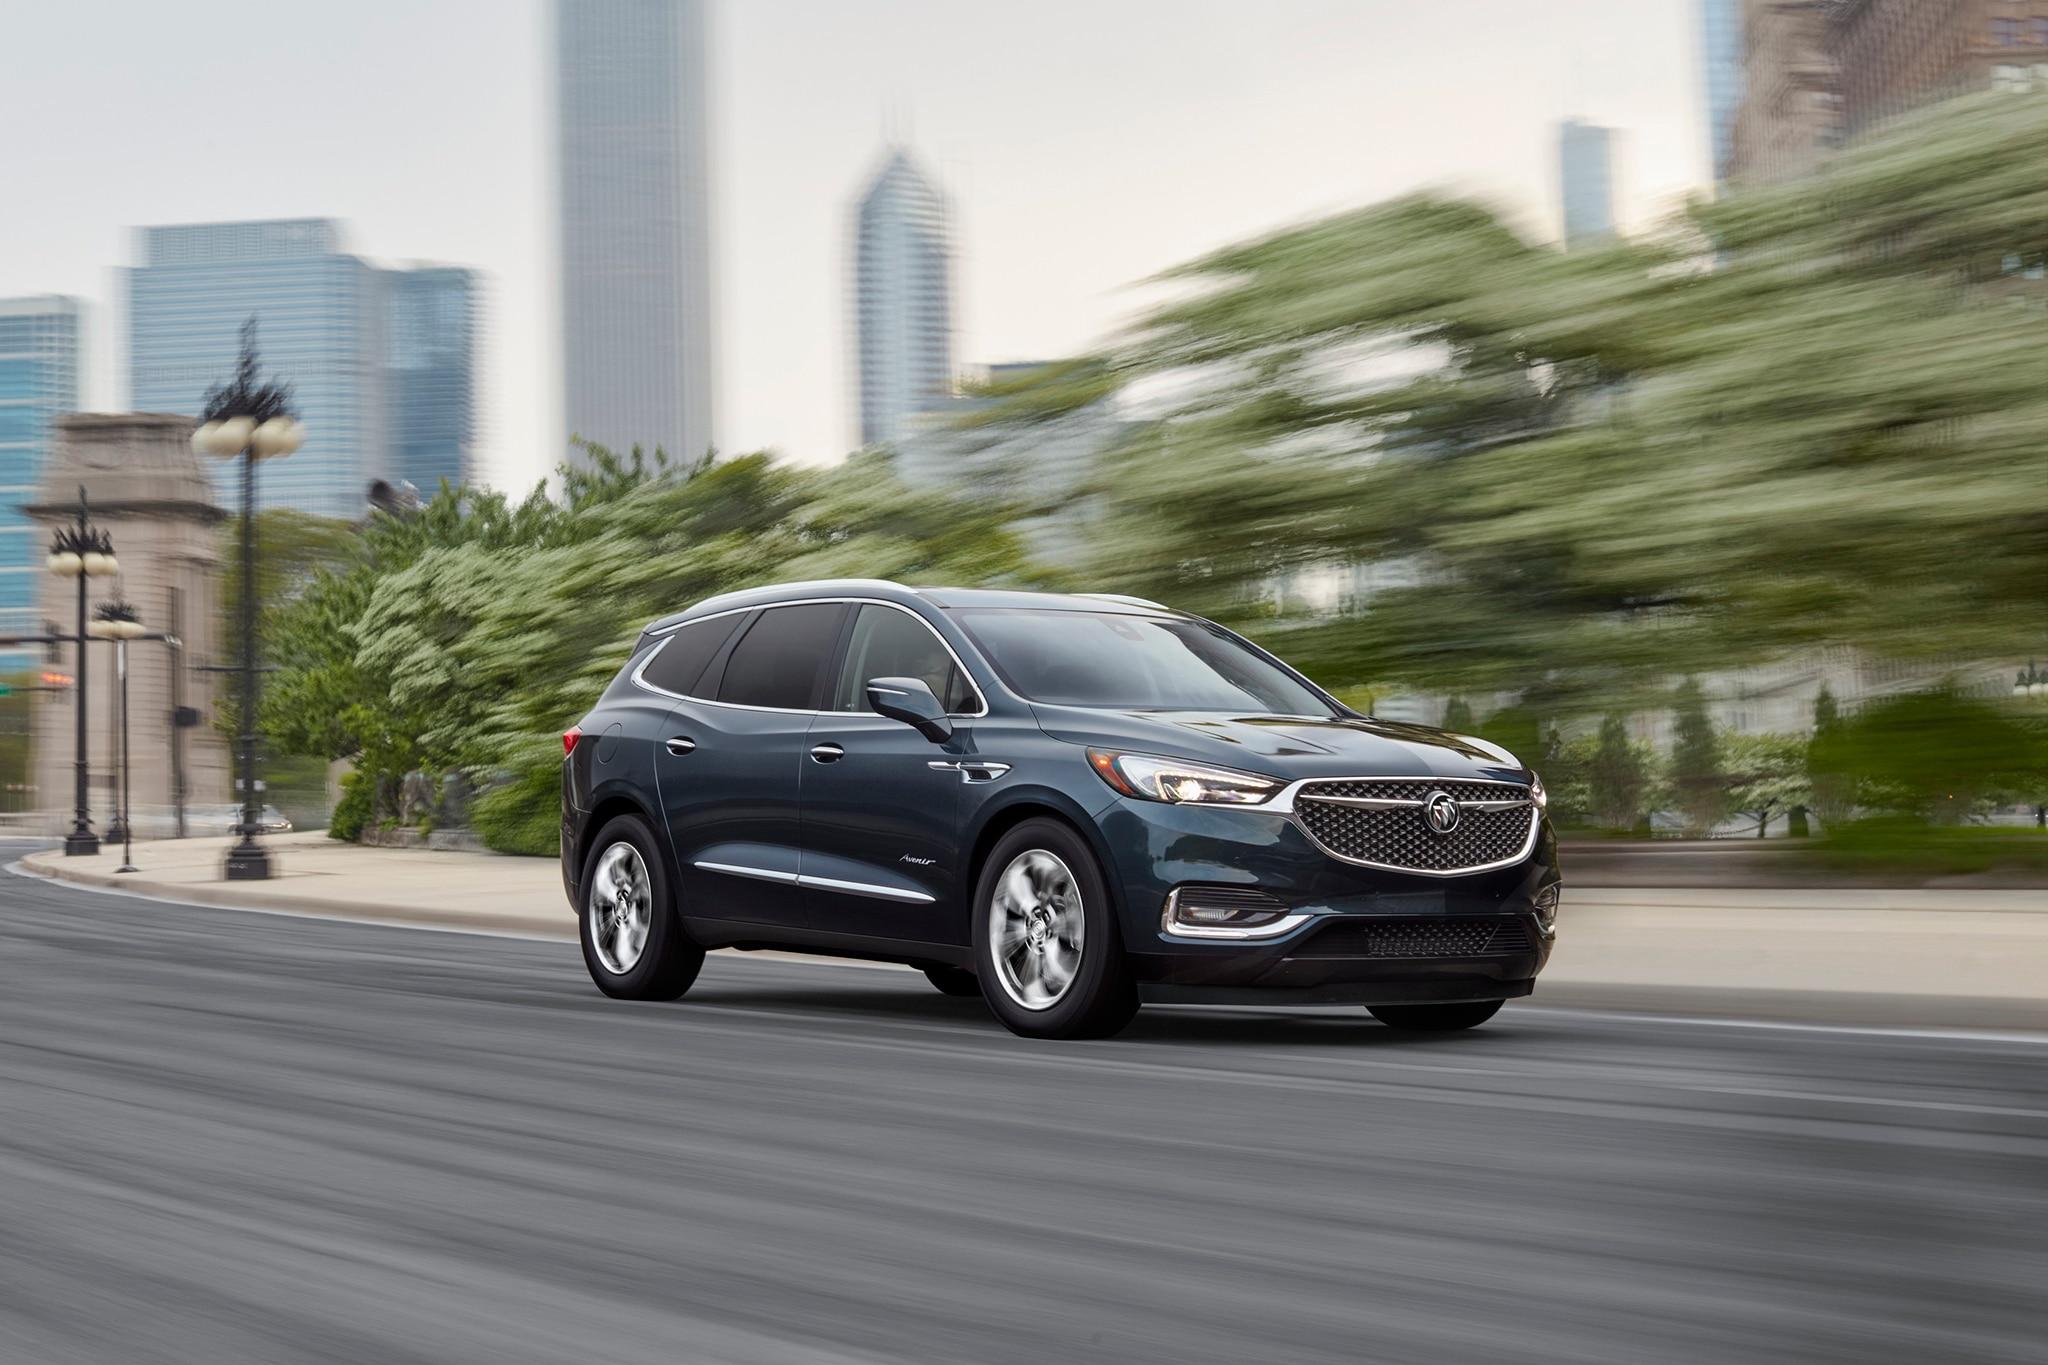 14 Buick Enclave For Sale >> 2018 Buick Enclave Avenir First Drive | Automobile Magazine